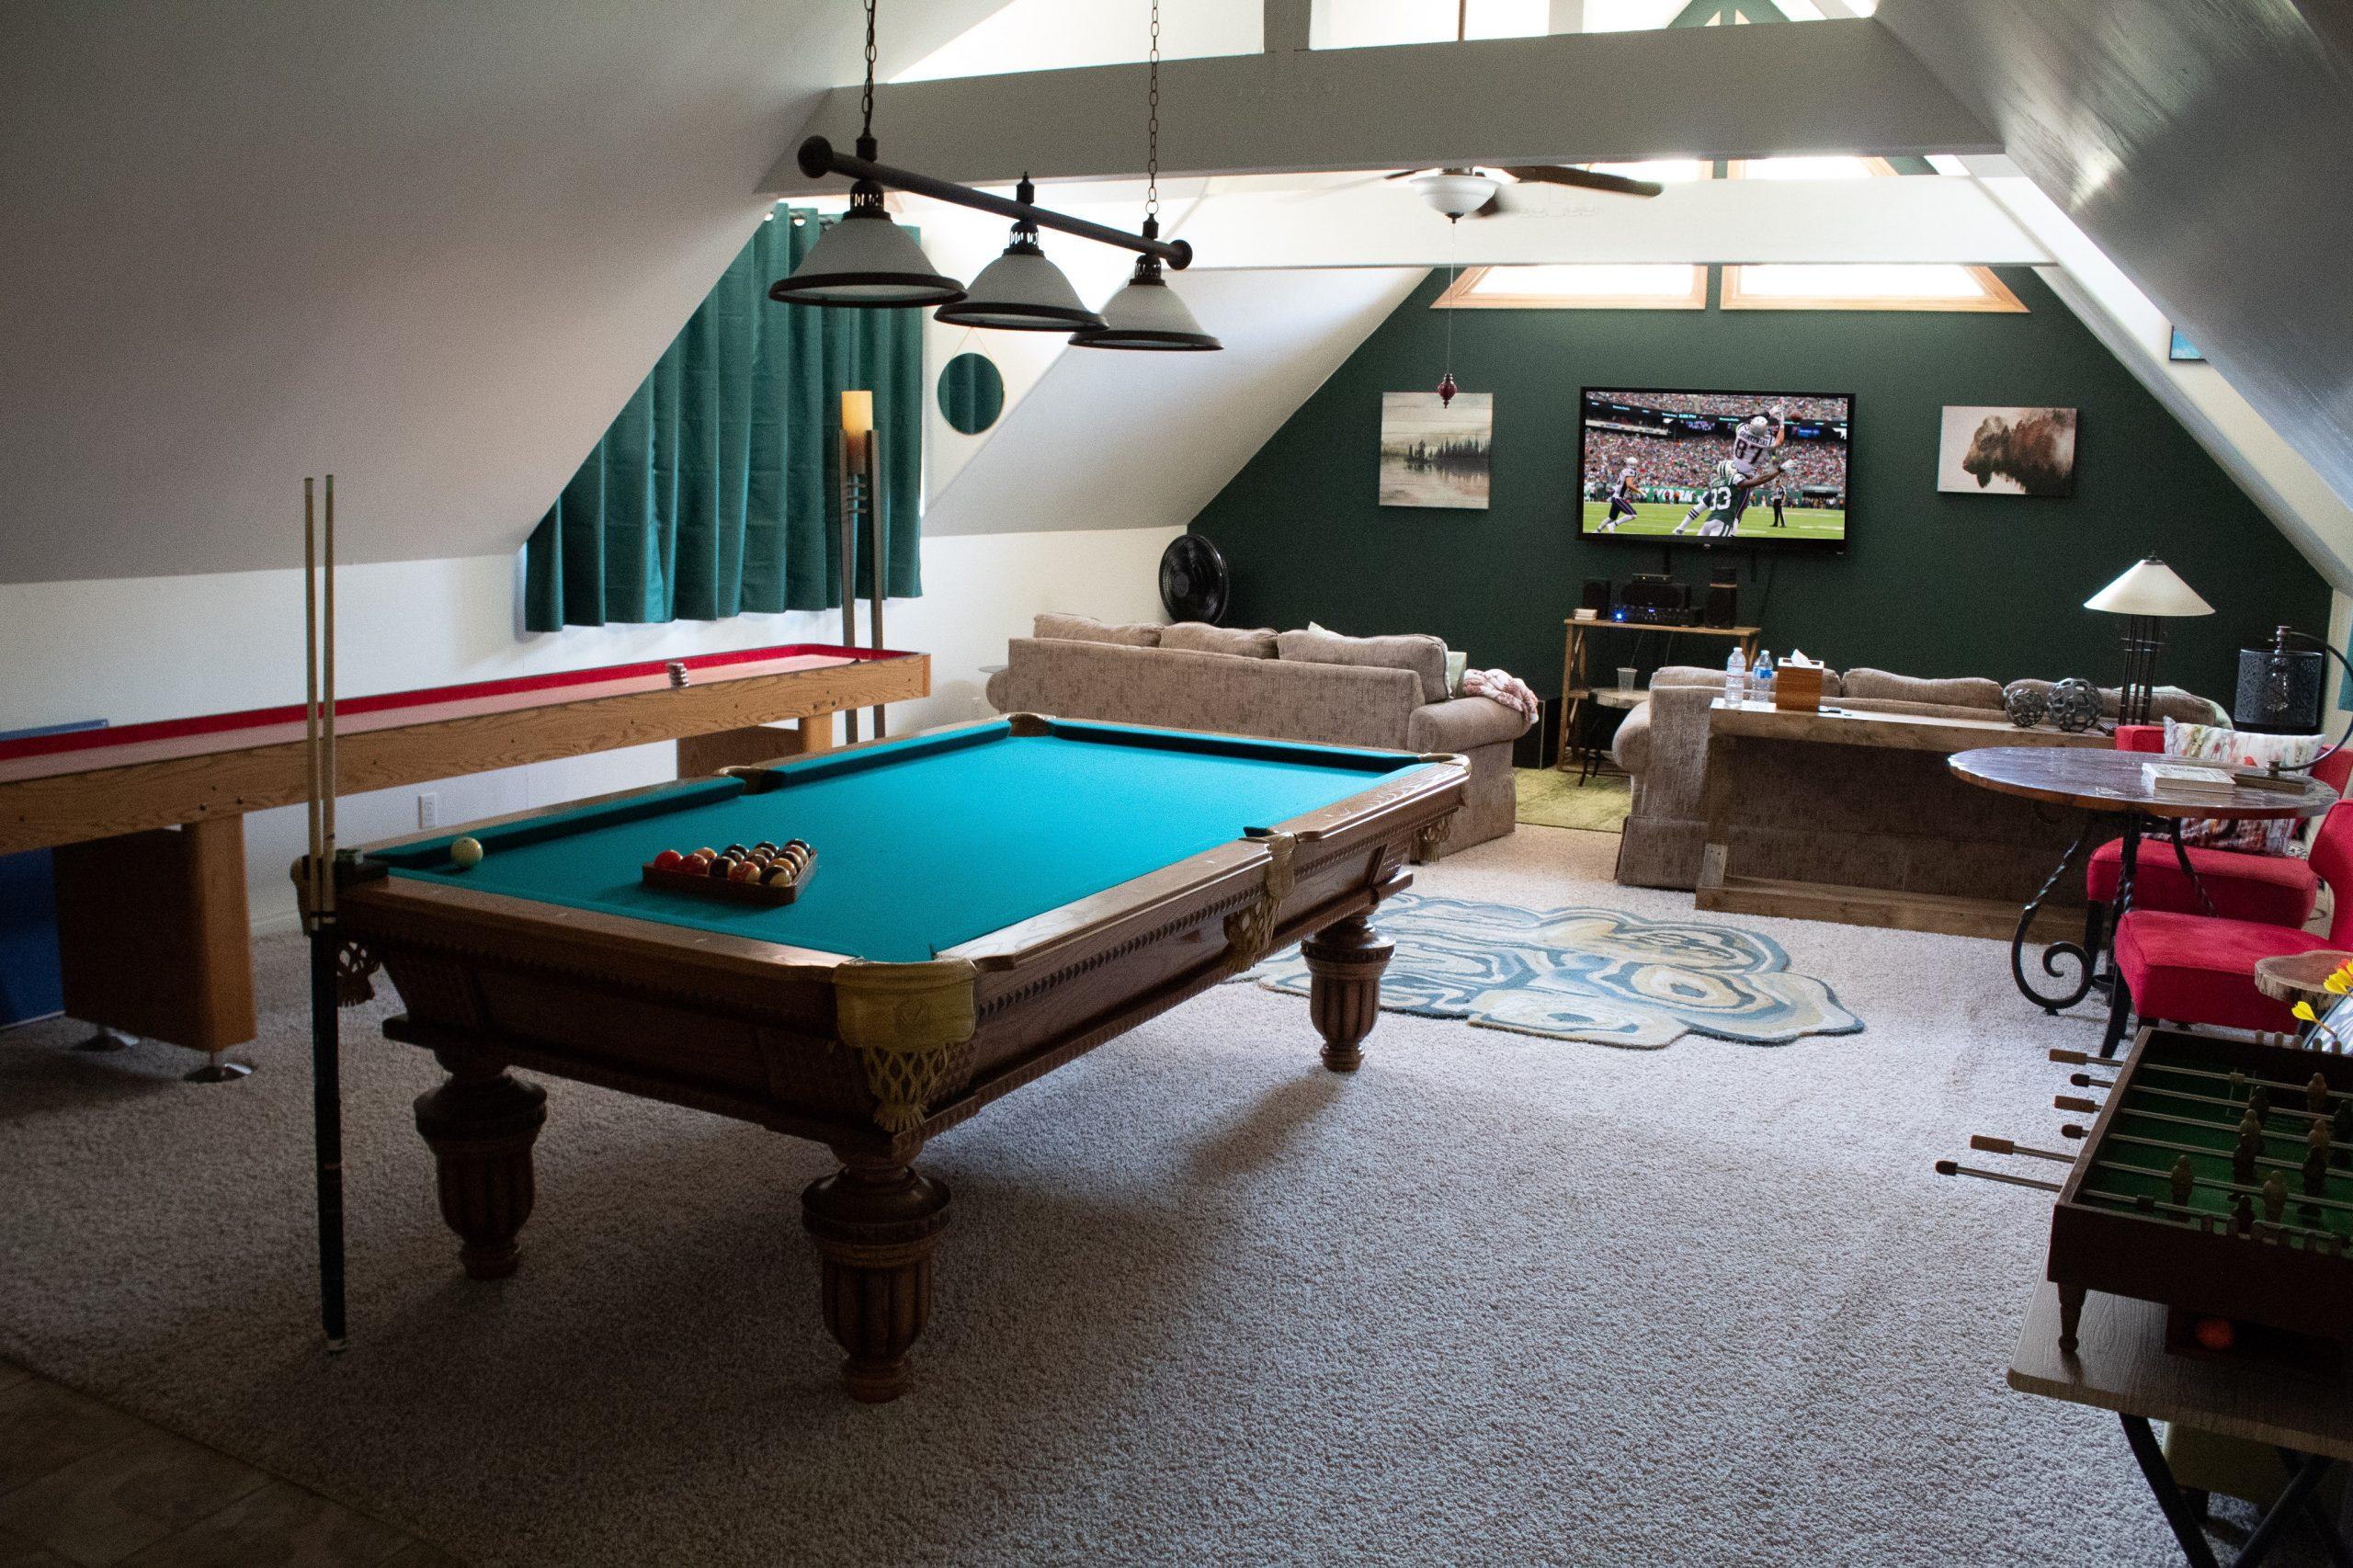 game day home setups Pool Table and TV